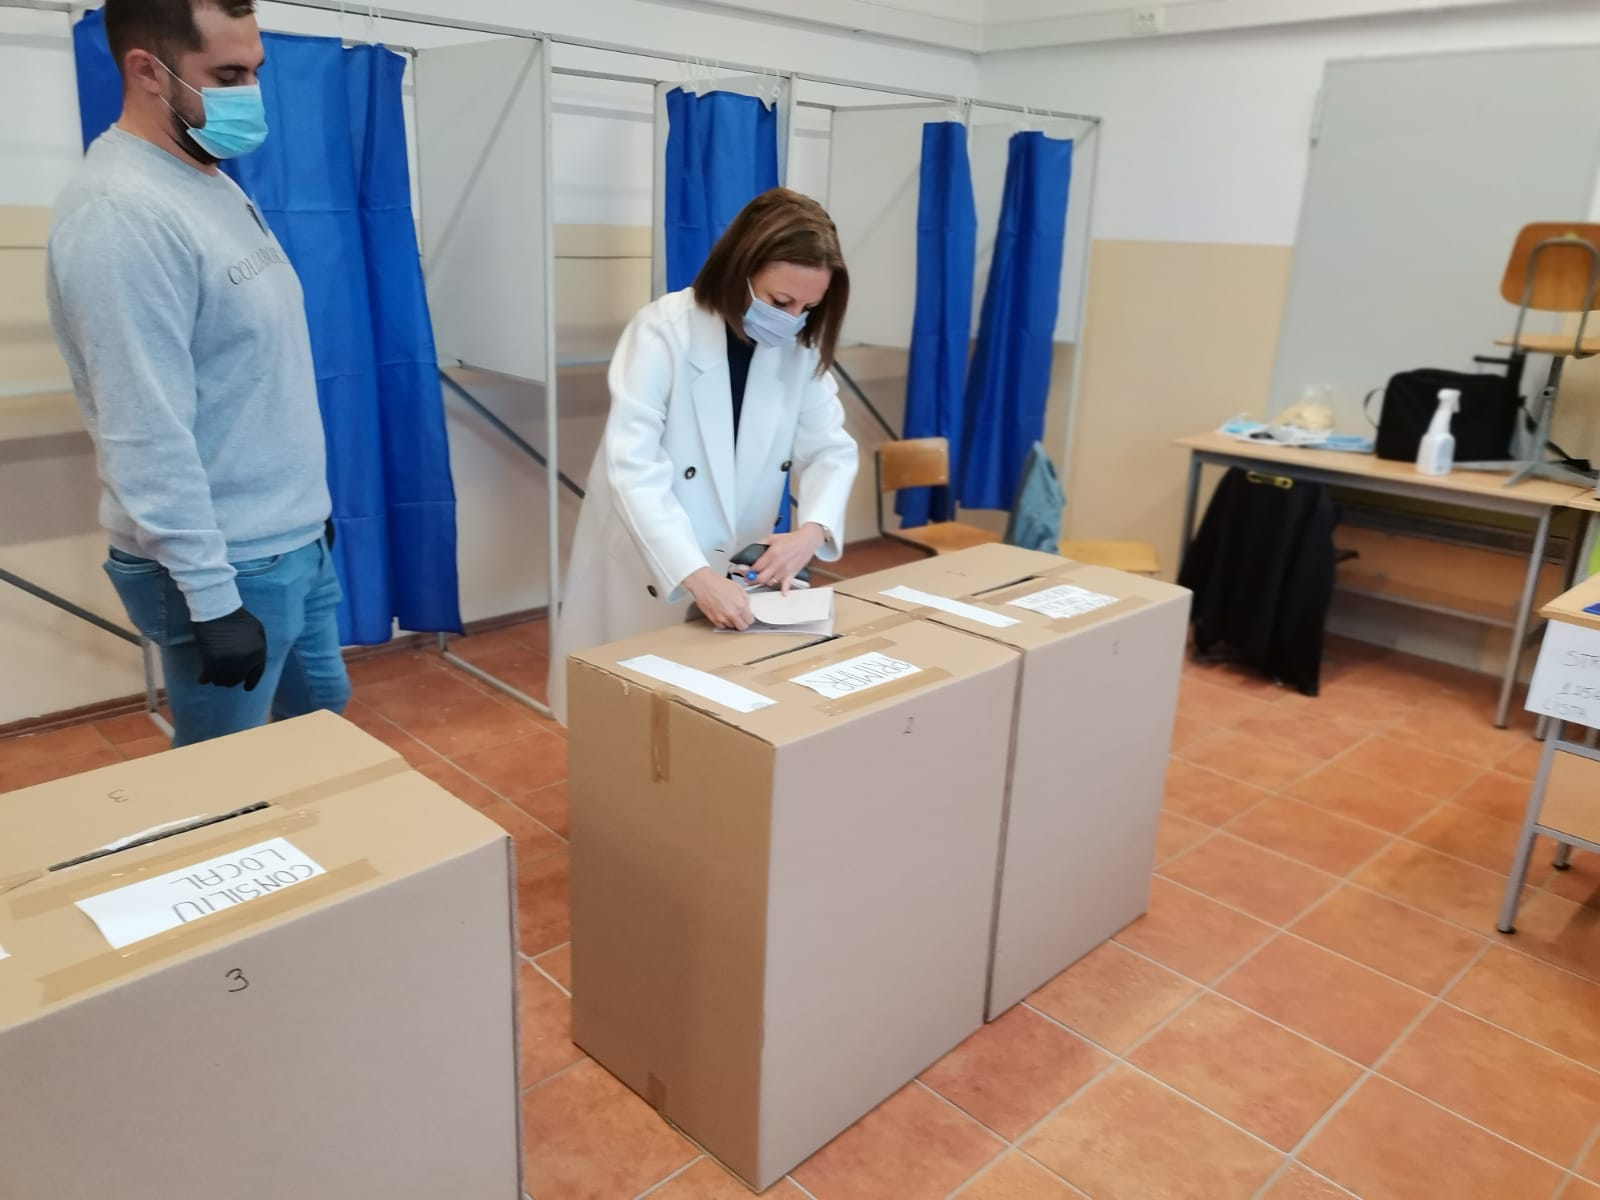 Daniela Cîmpean: Am votat azi pentru un Sibiu curajos, care să își asume proiecte îndrăznețe menite să îi asigure o dezvoltare durabilă